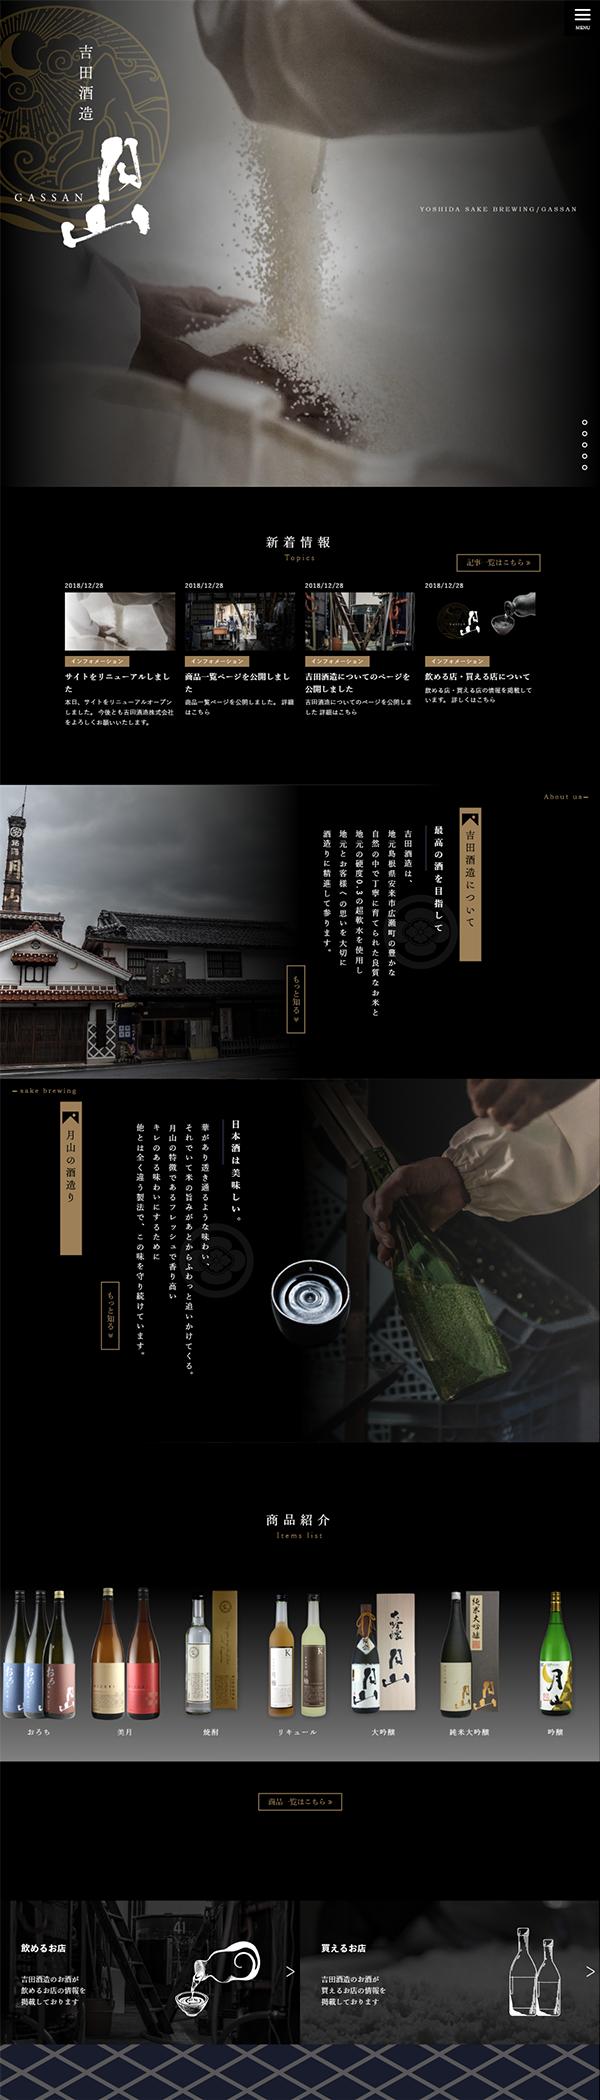 吉田酒造株式会社様 ウェブサイト